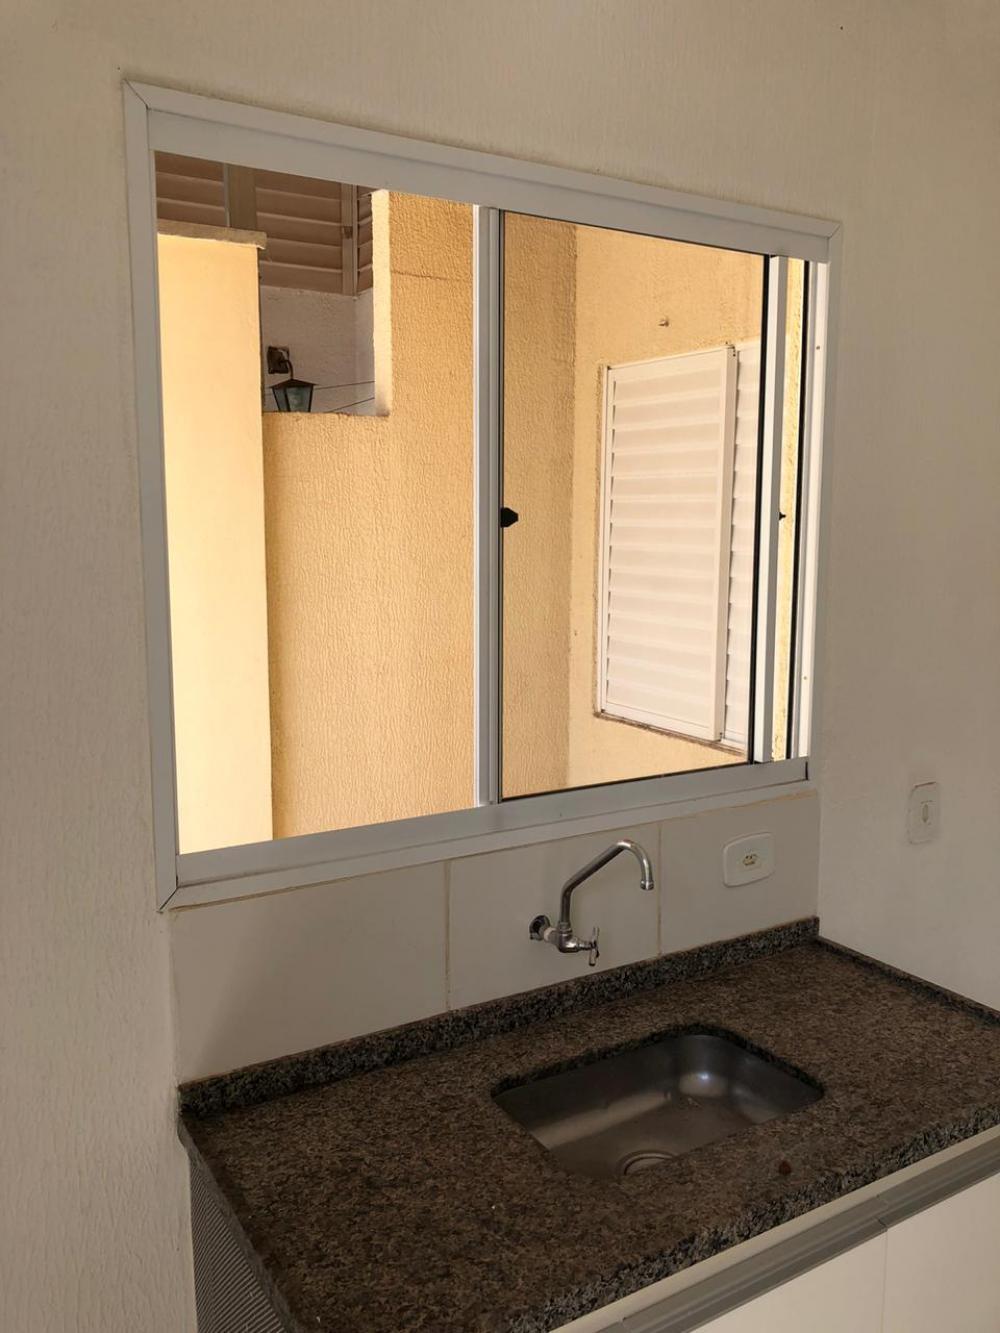 Comprar Casa / Condomínio em São José do Rio Preto apenas R$ 165.000,00 - Foto 12